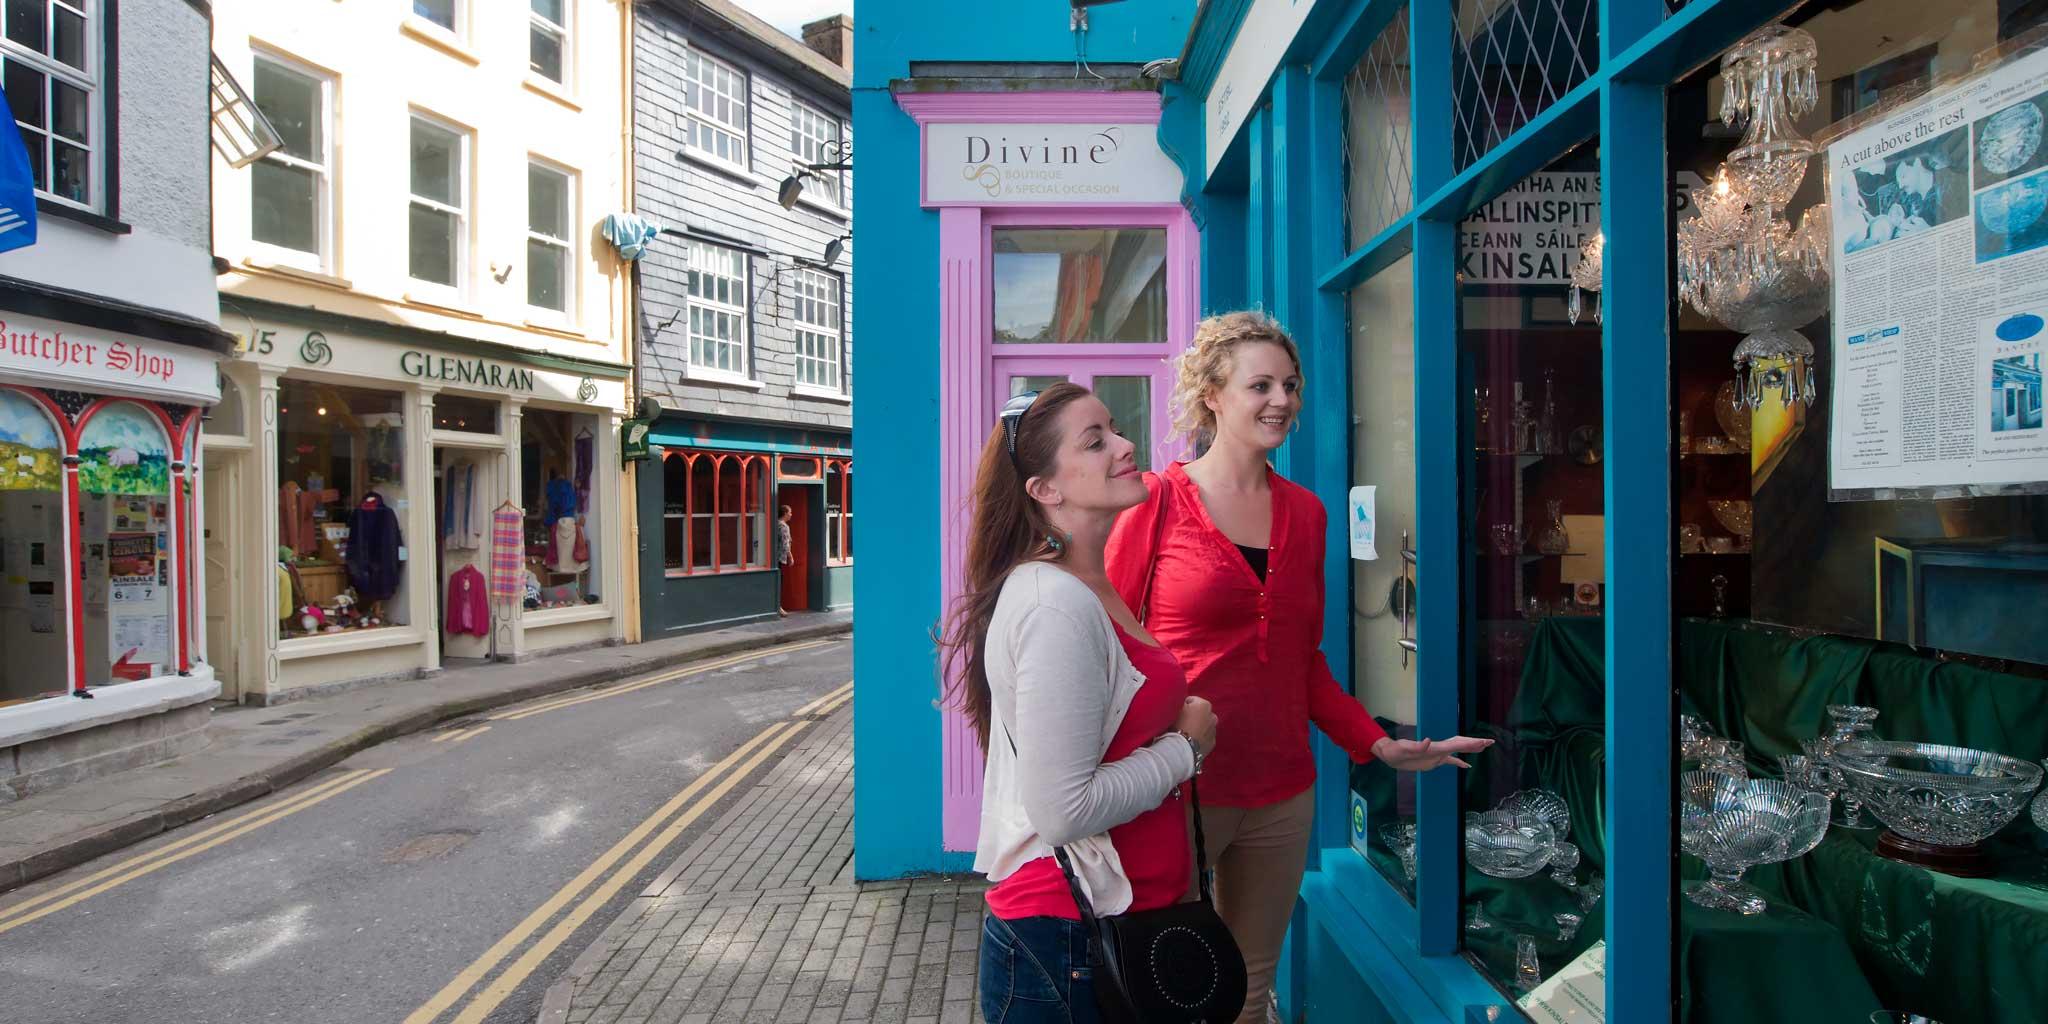 Ireland Gay Personals, Ireland Gay Dating Site, Ireland Gay